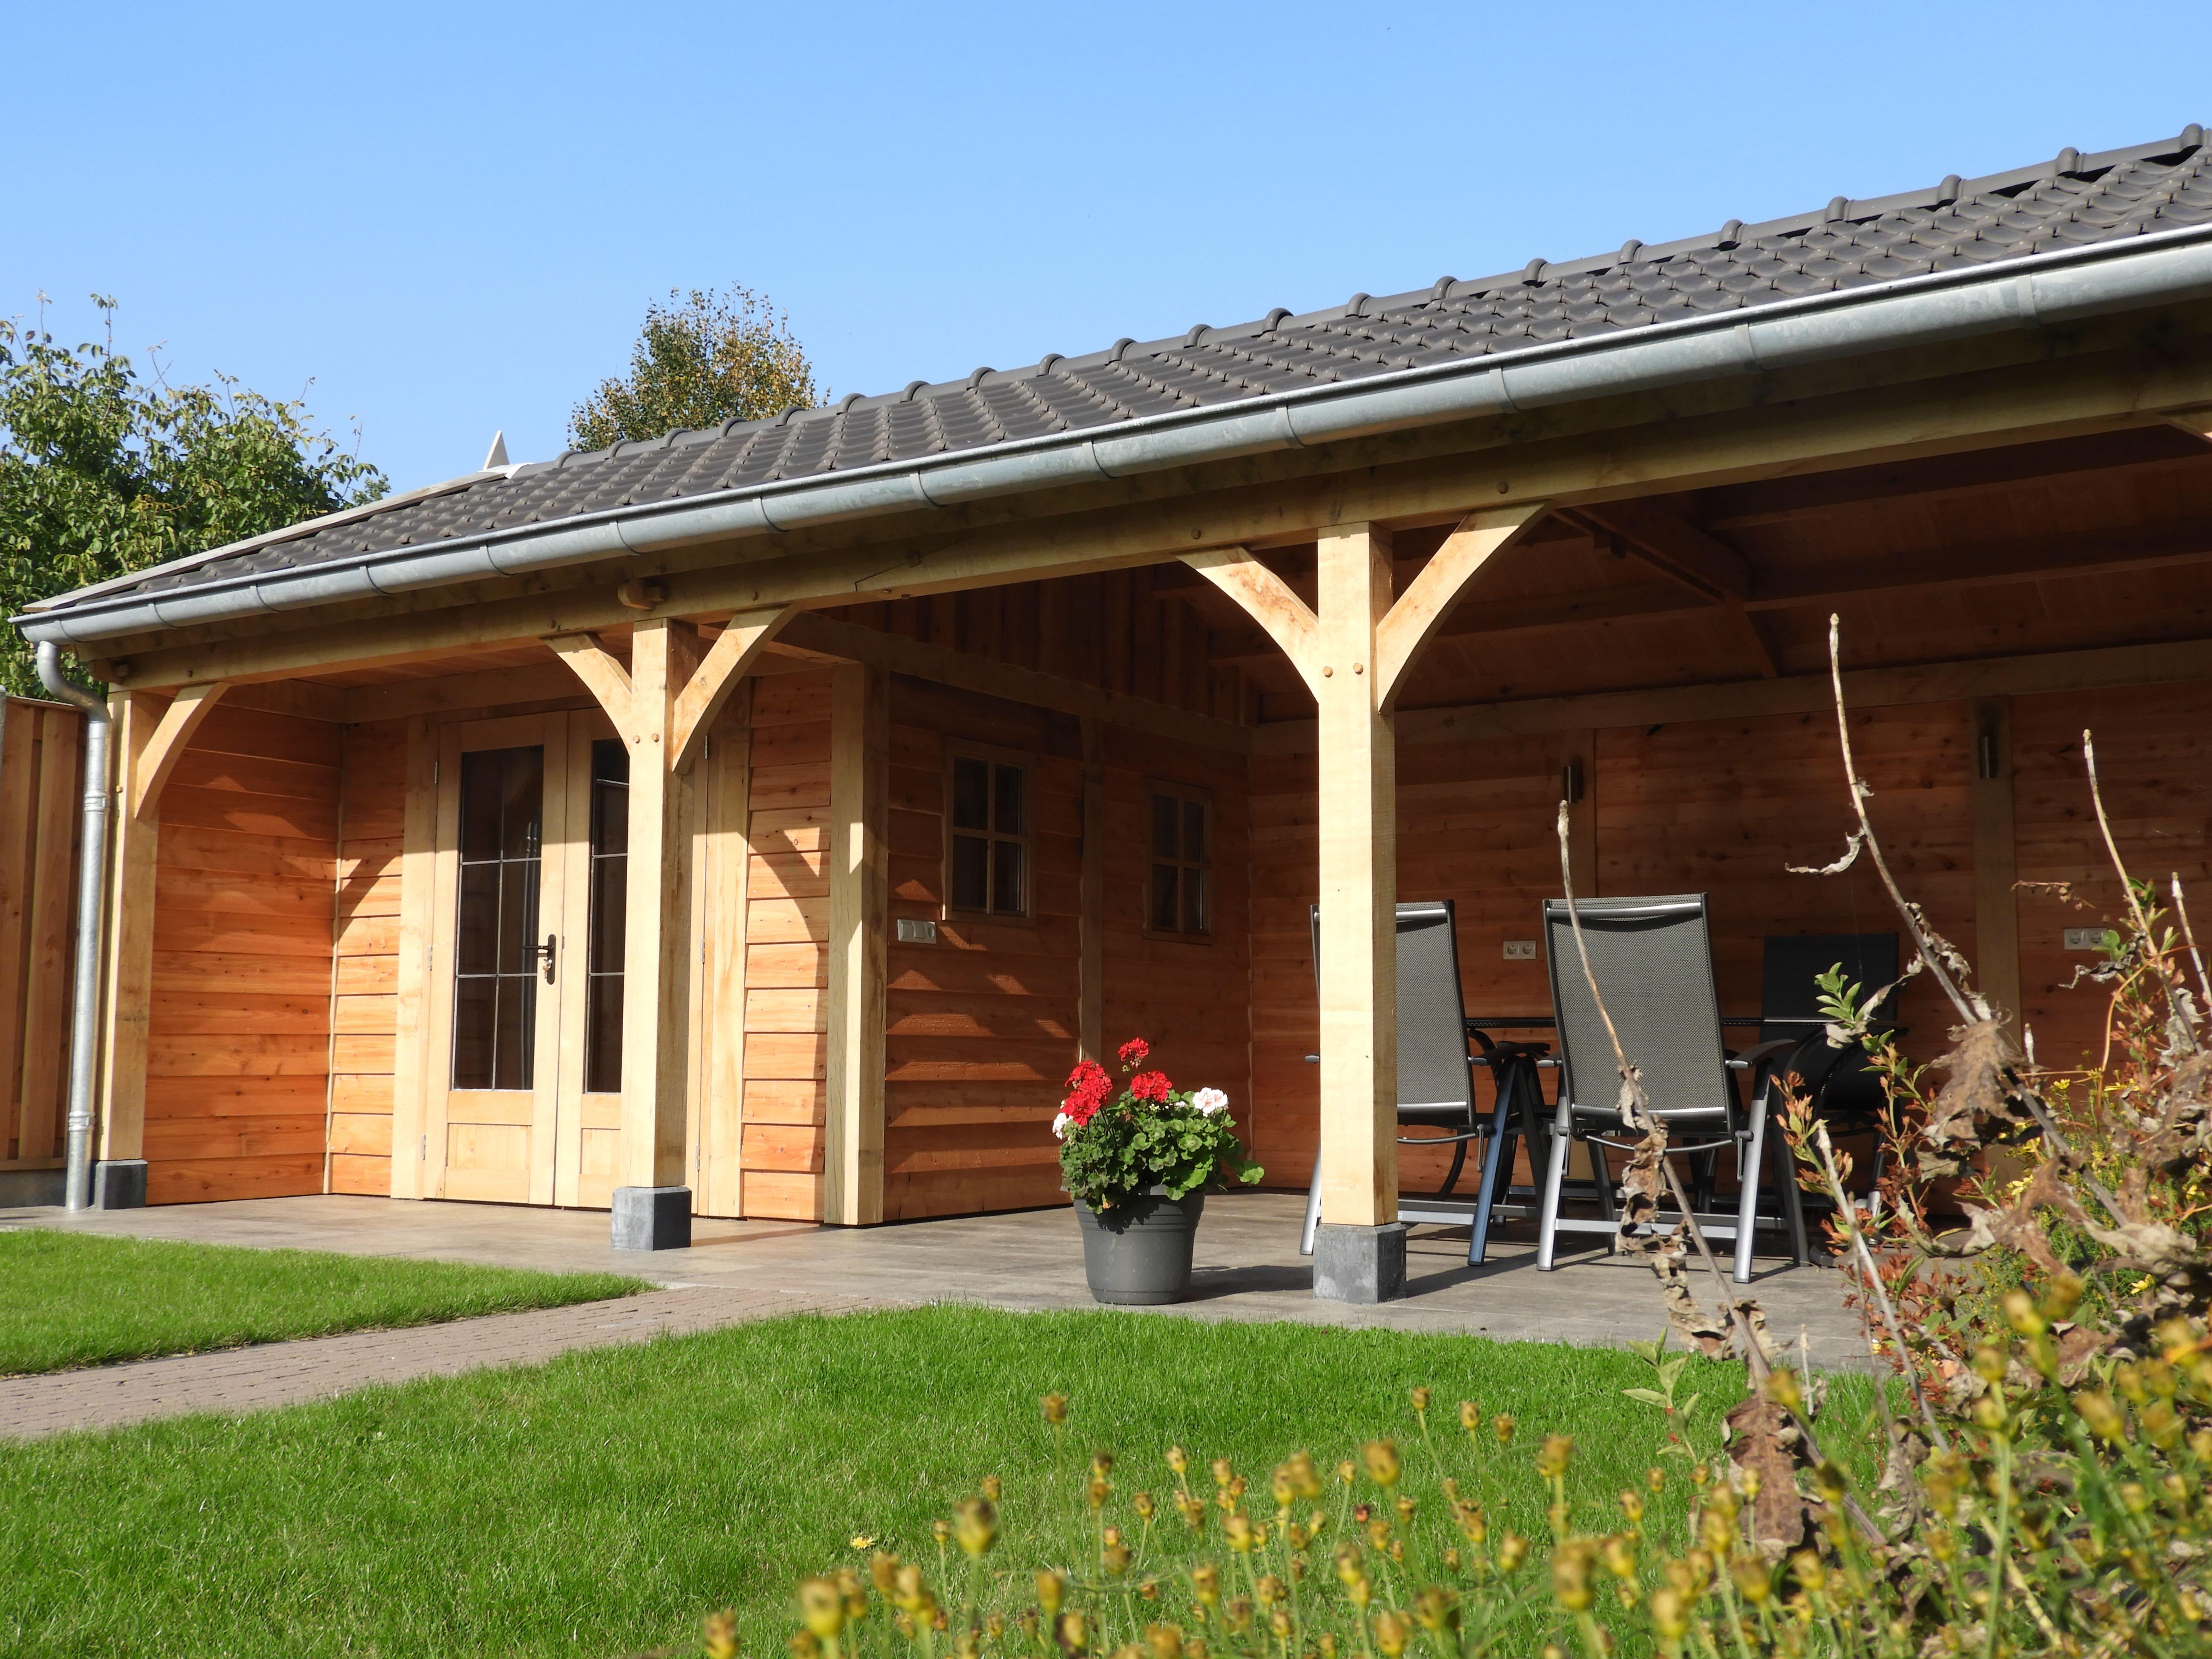 houten-tuinhuis-met-veranda-19-min - project Marienberg